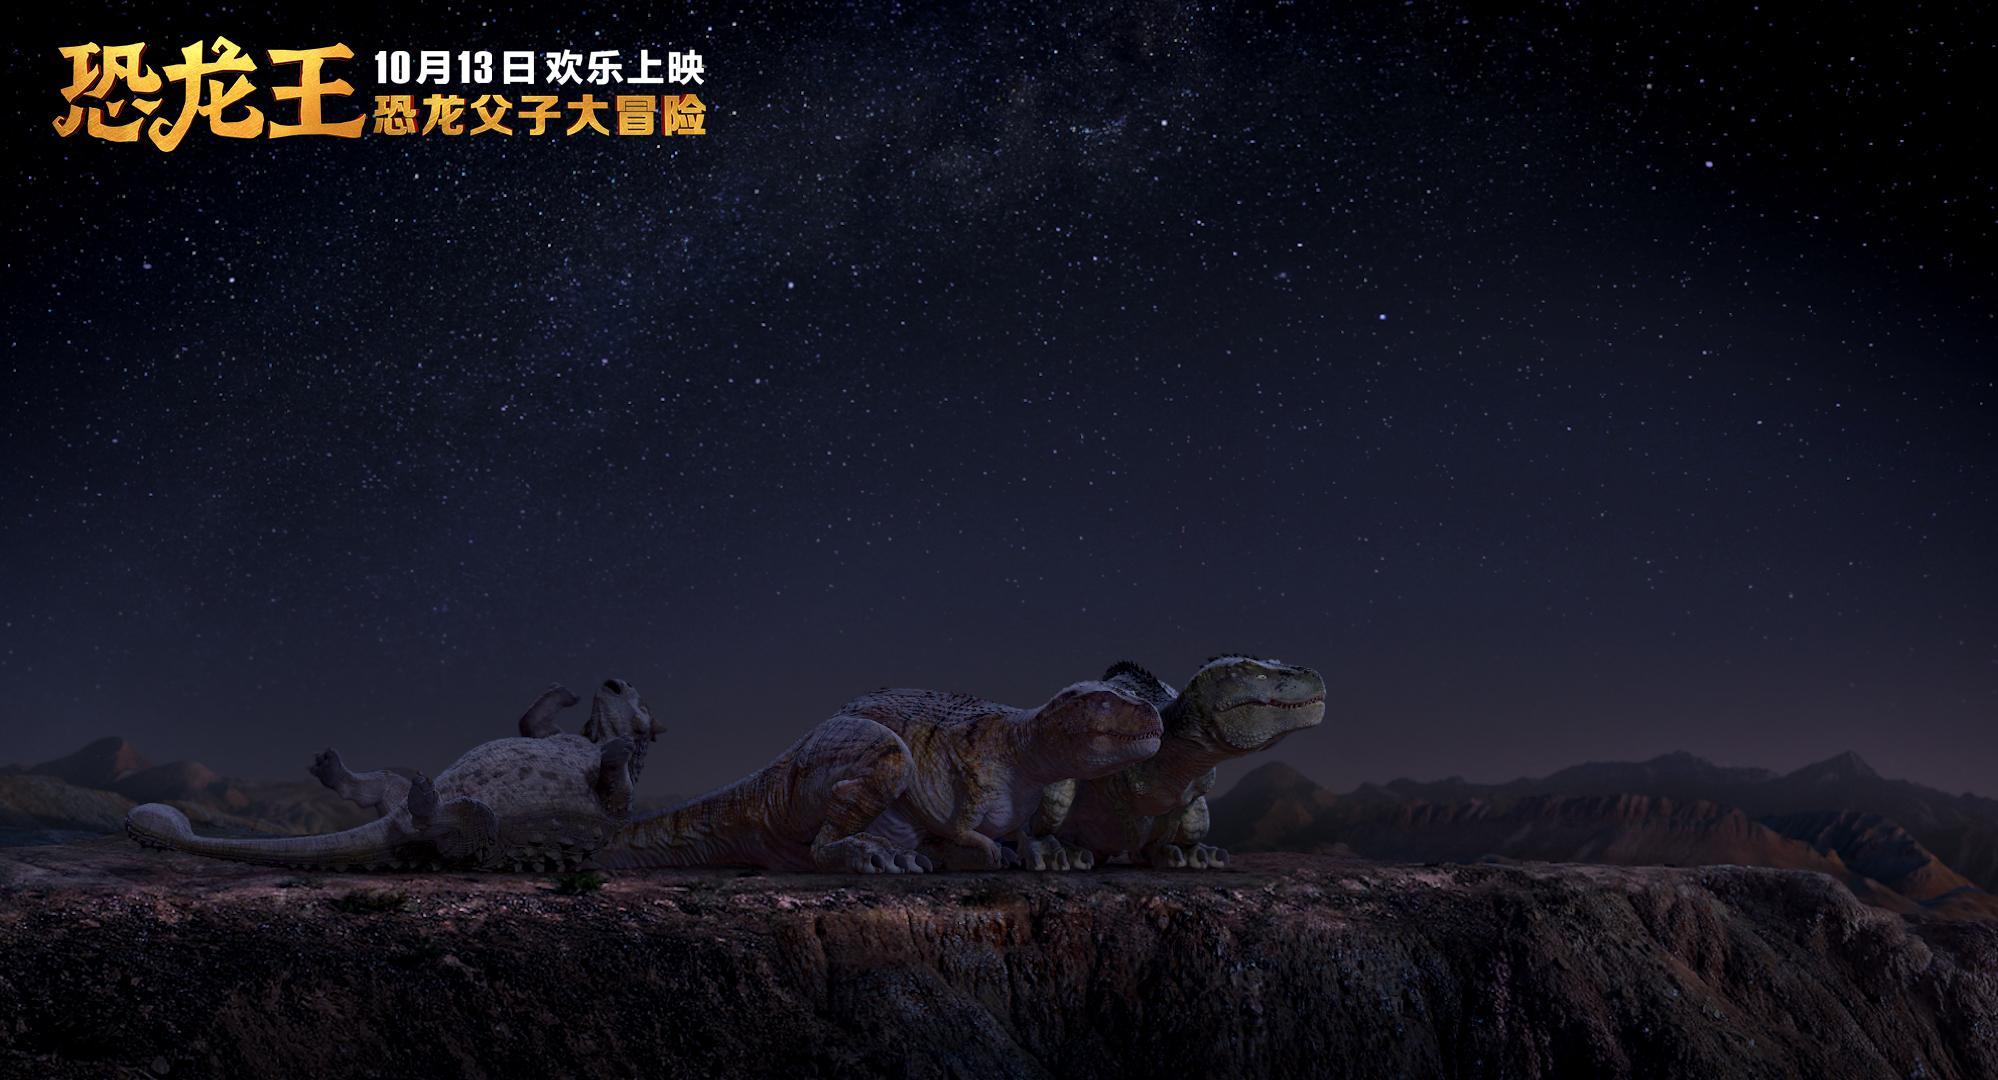 电影《恐龙王》剧照海报图片